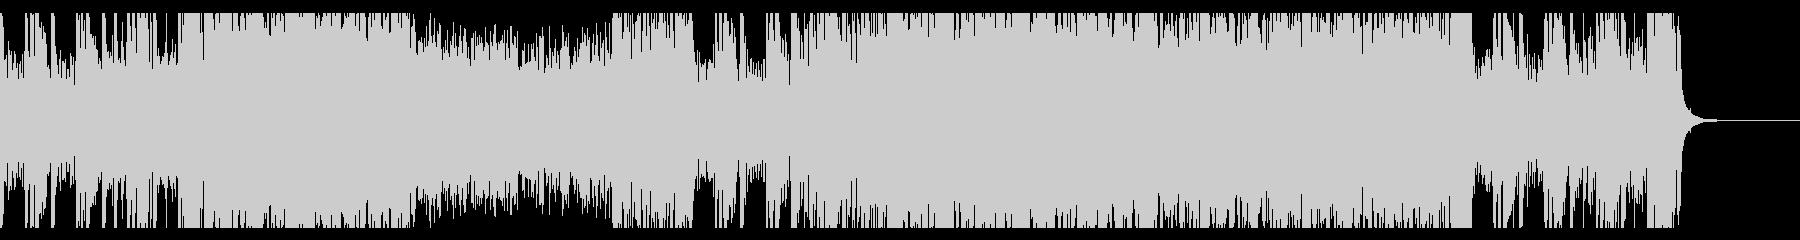 さわやかなプログレッシヴロック風ポップの未再生の波形